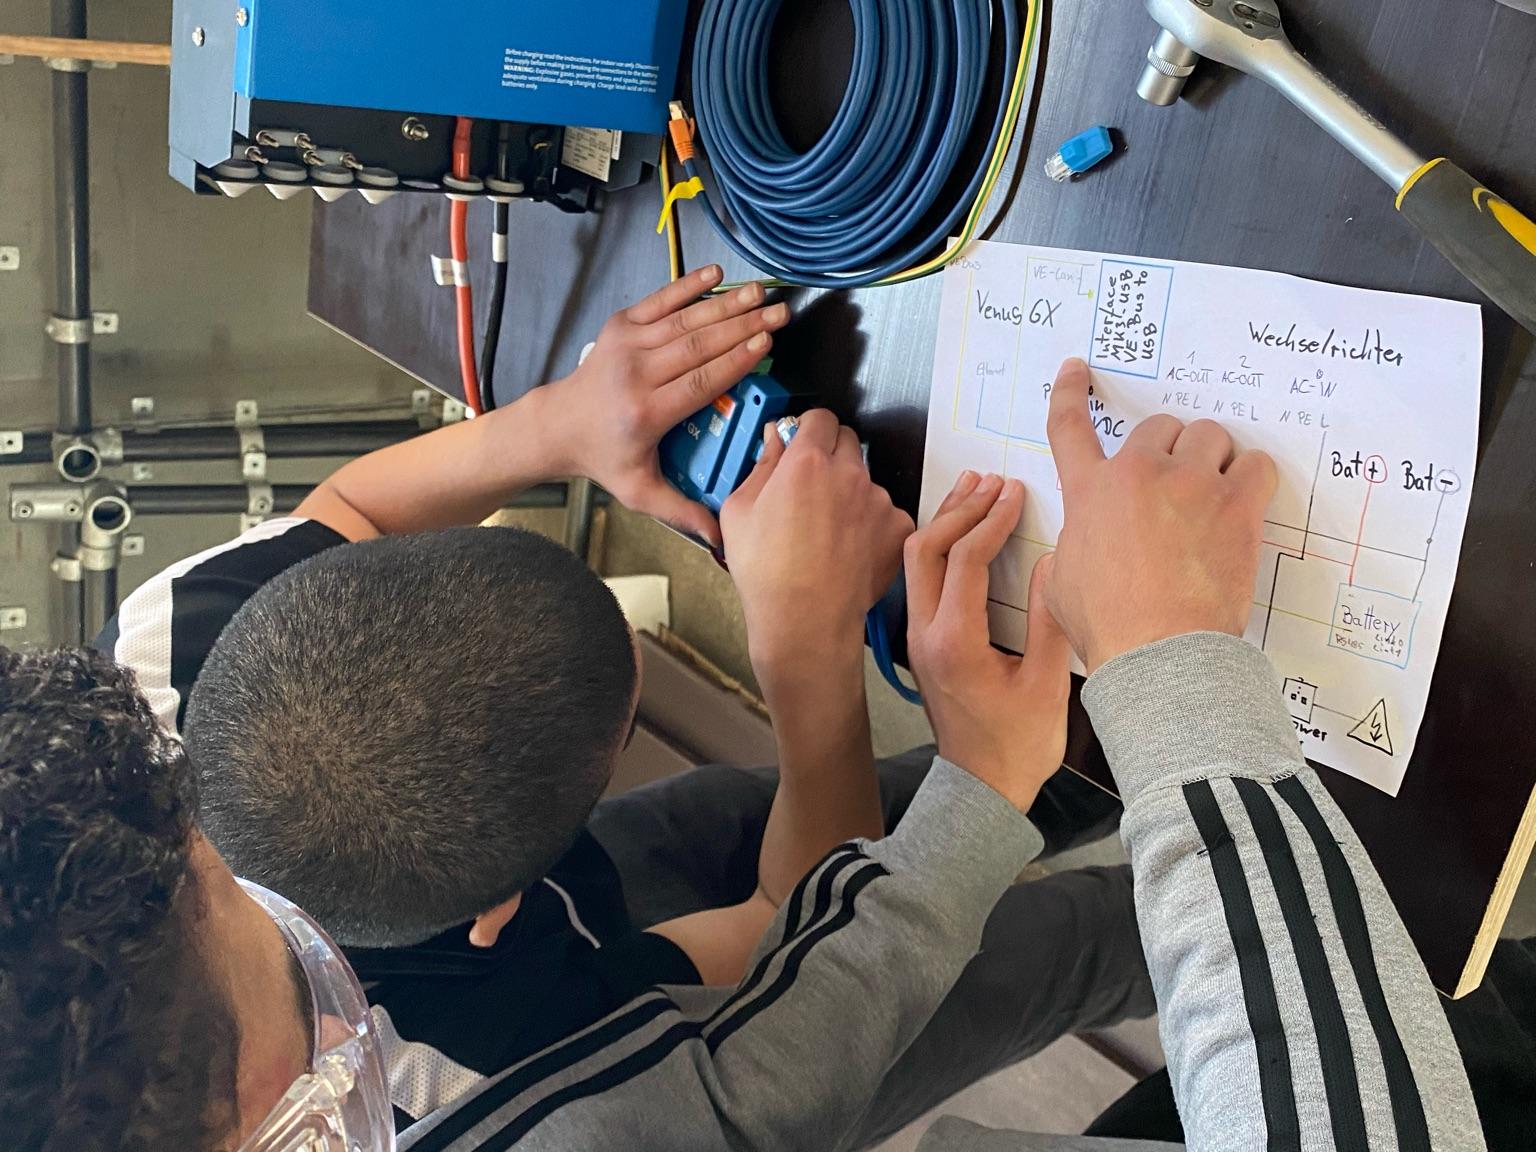 Zwei Jugendliche werkeln stehend an einem technischen Gerät herum. Einer steckt ein Kabel ins Gerät, der andere zeigt auf eine selbst erstellte, technische Skizze.